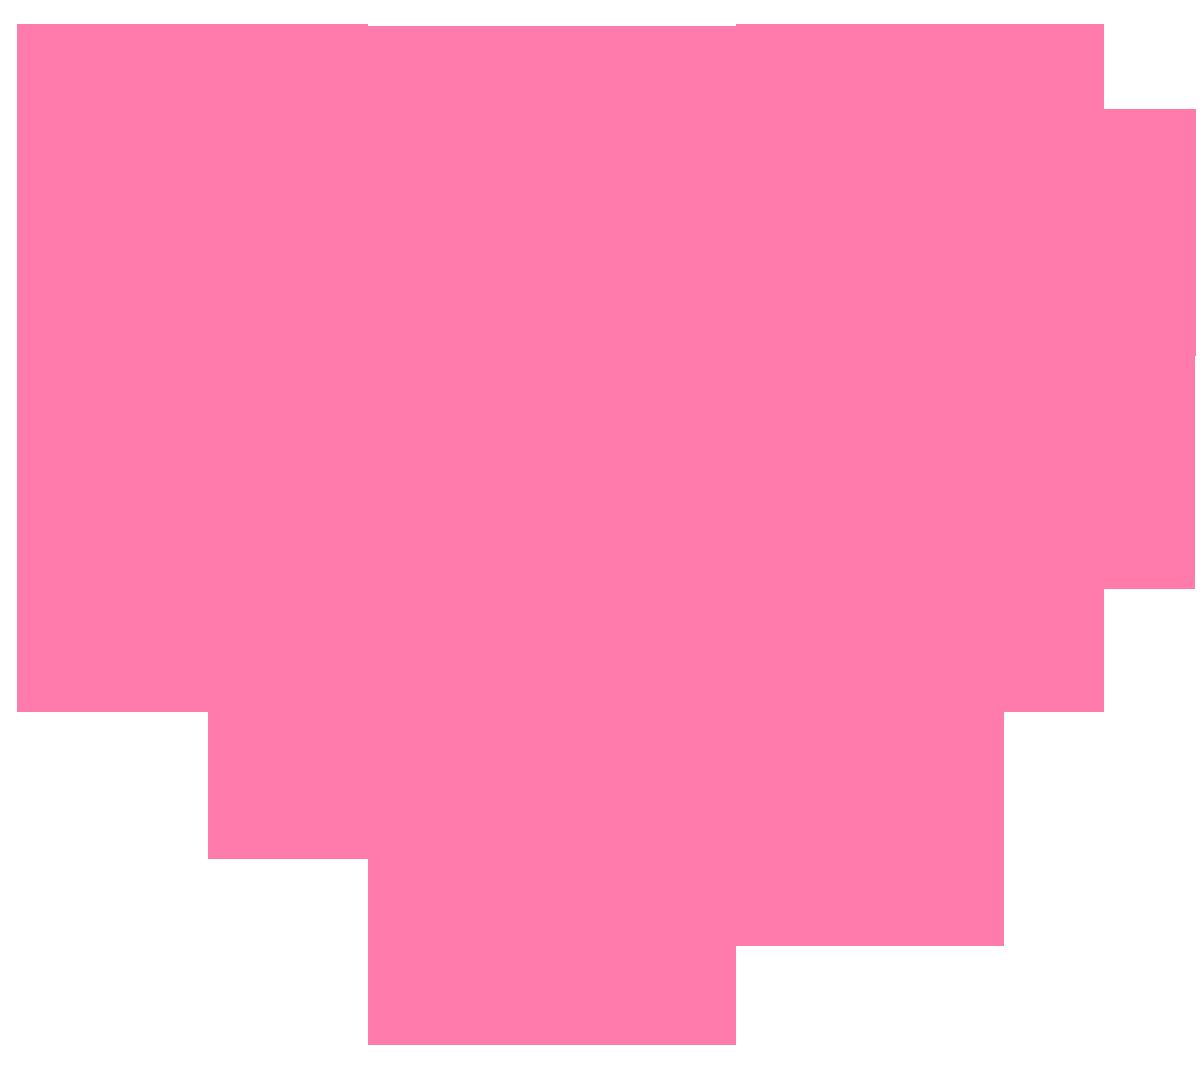 [Jeu] Si je te dis..  - Page 2 Valentines-day-heart-clip-art-171592